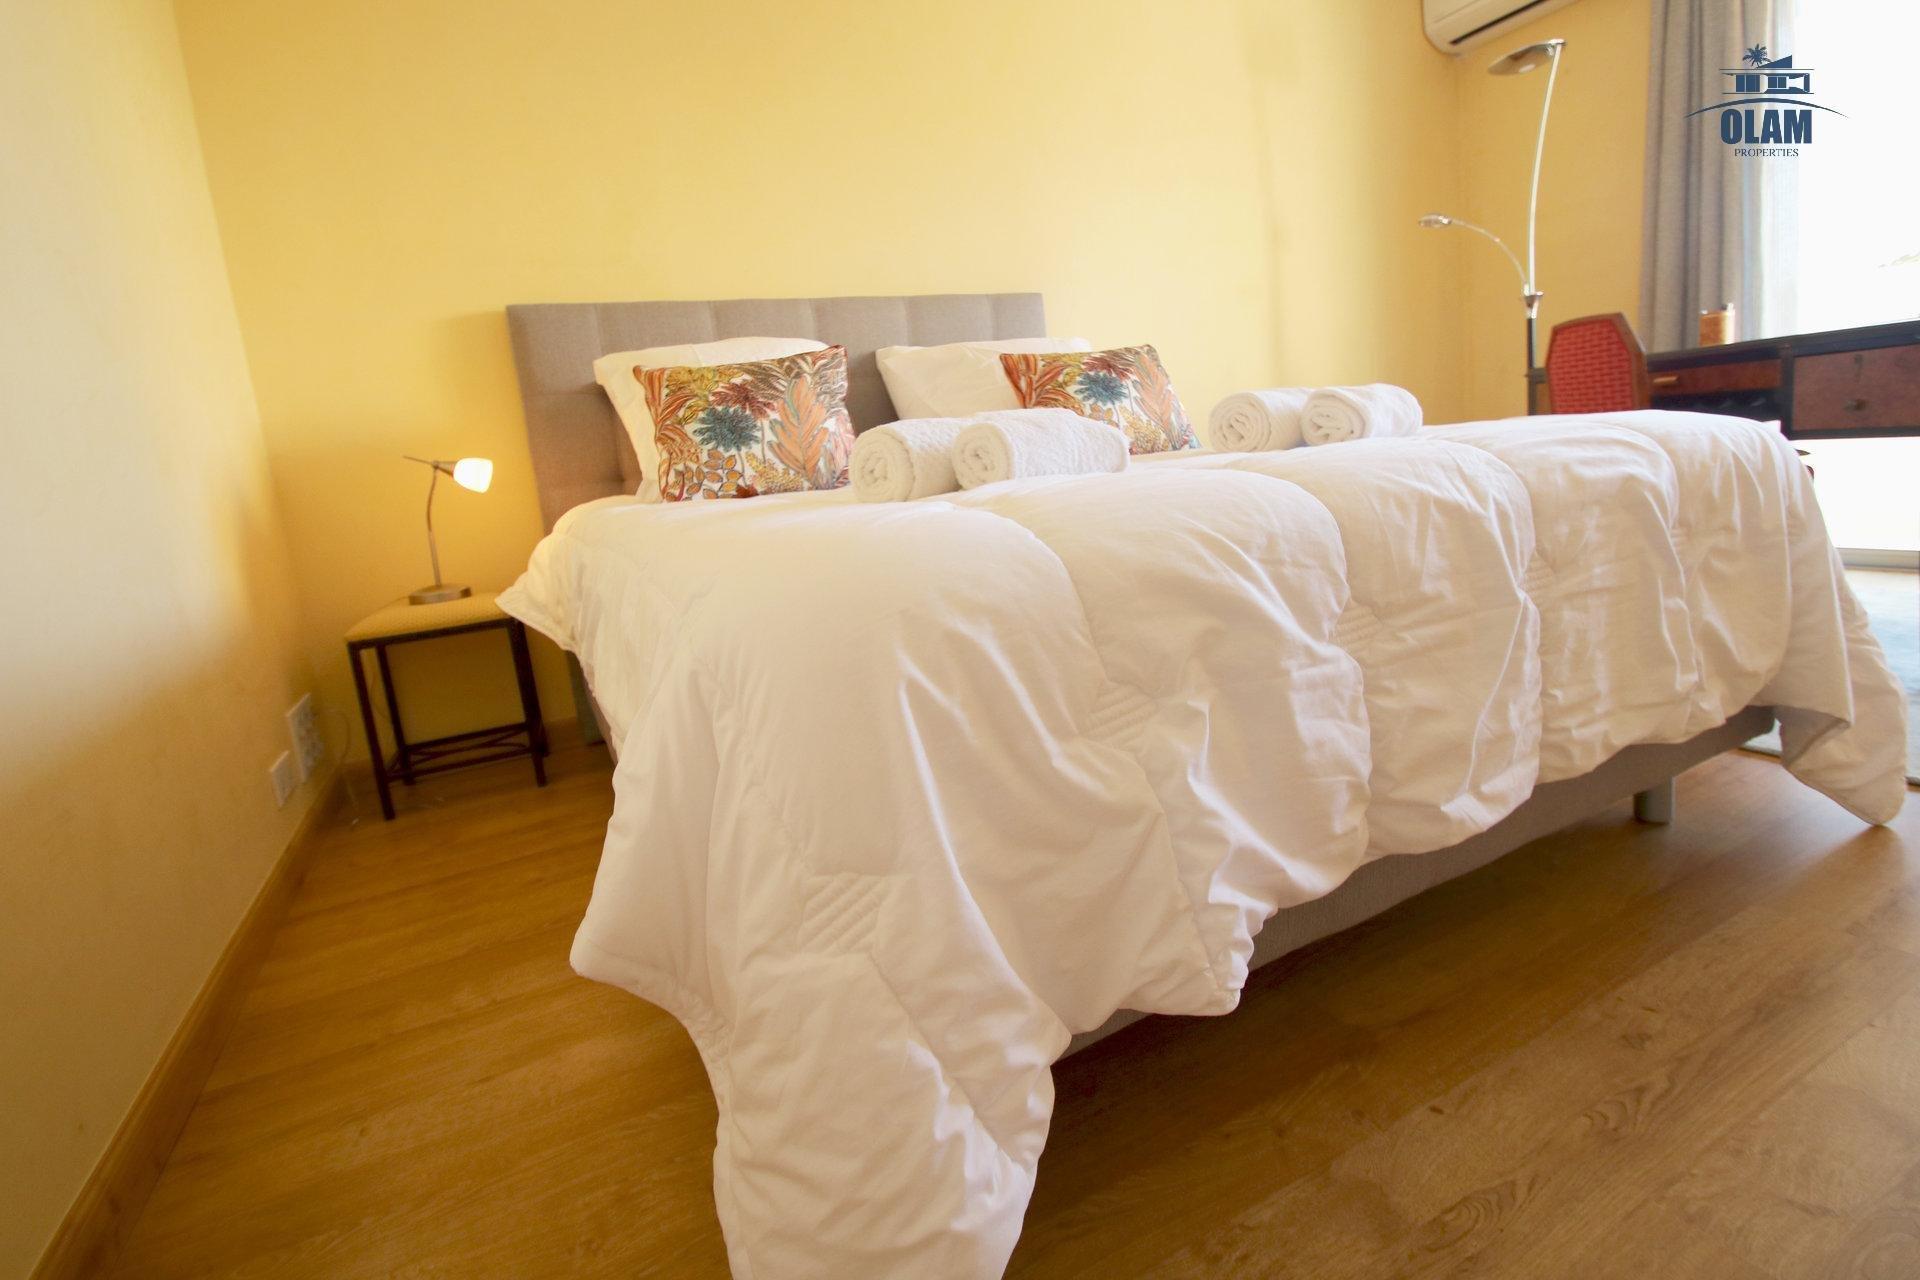 Chambre, lit 160, Cannes, Croisette, Côte d'Azur, cozy